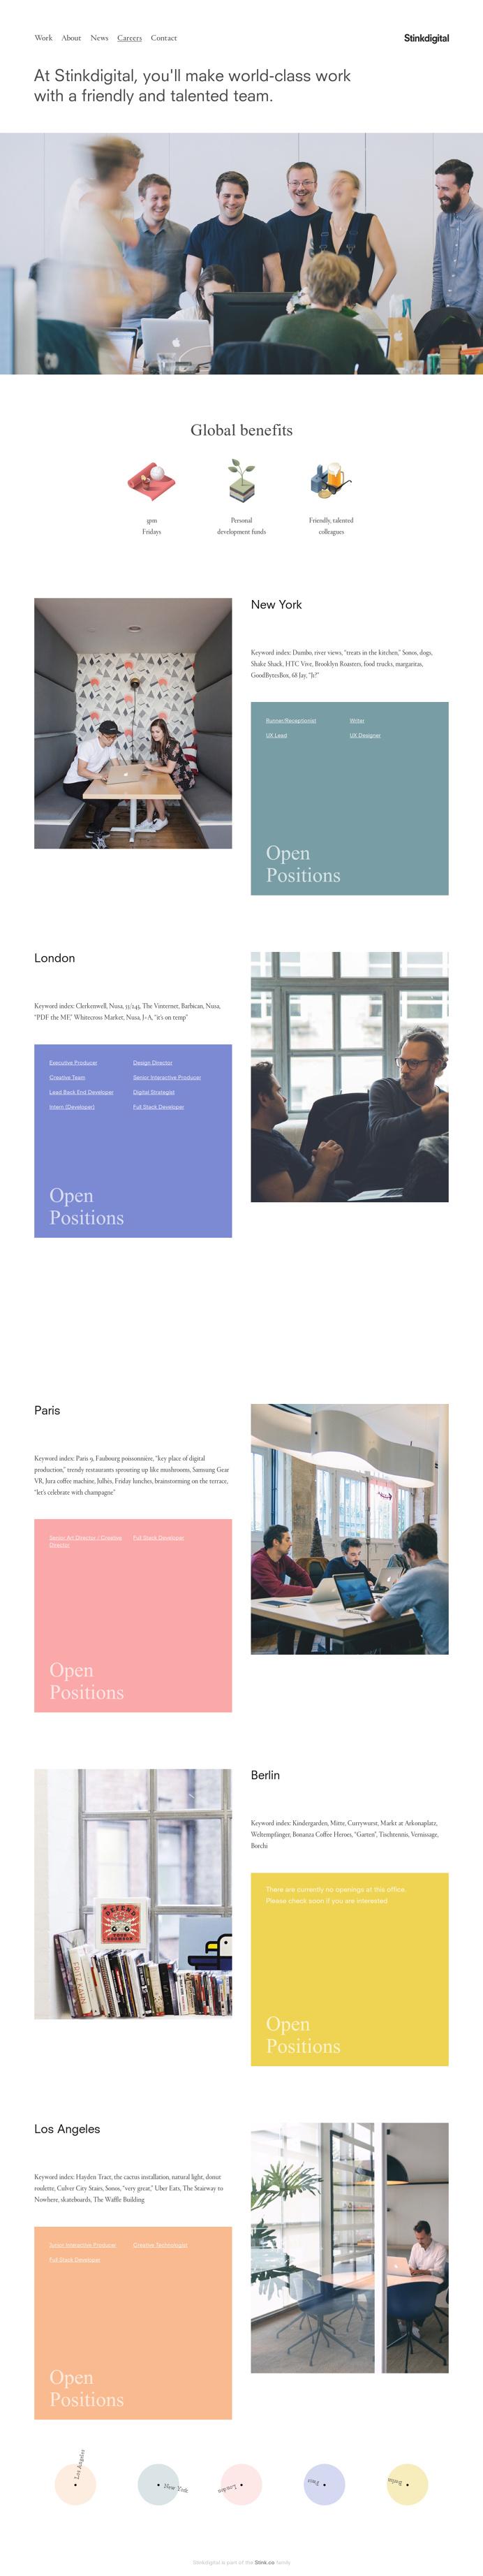 Stinkdigital - Careers Page